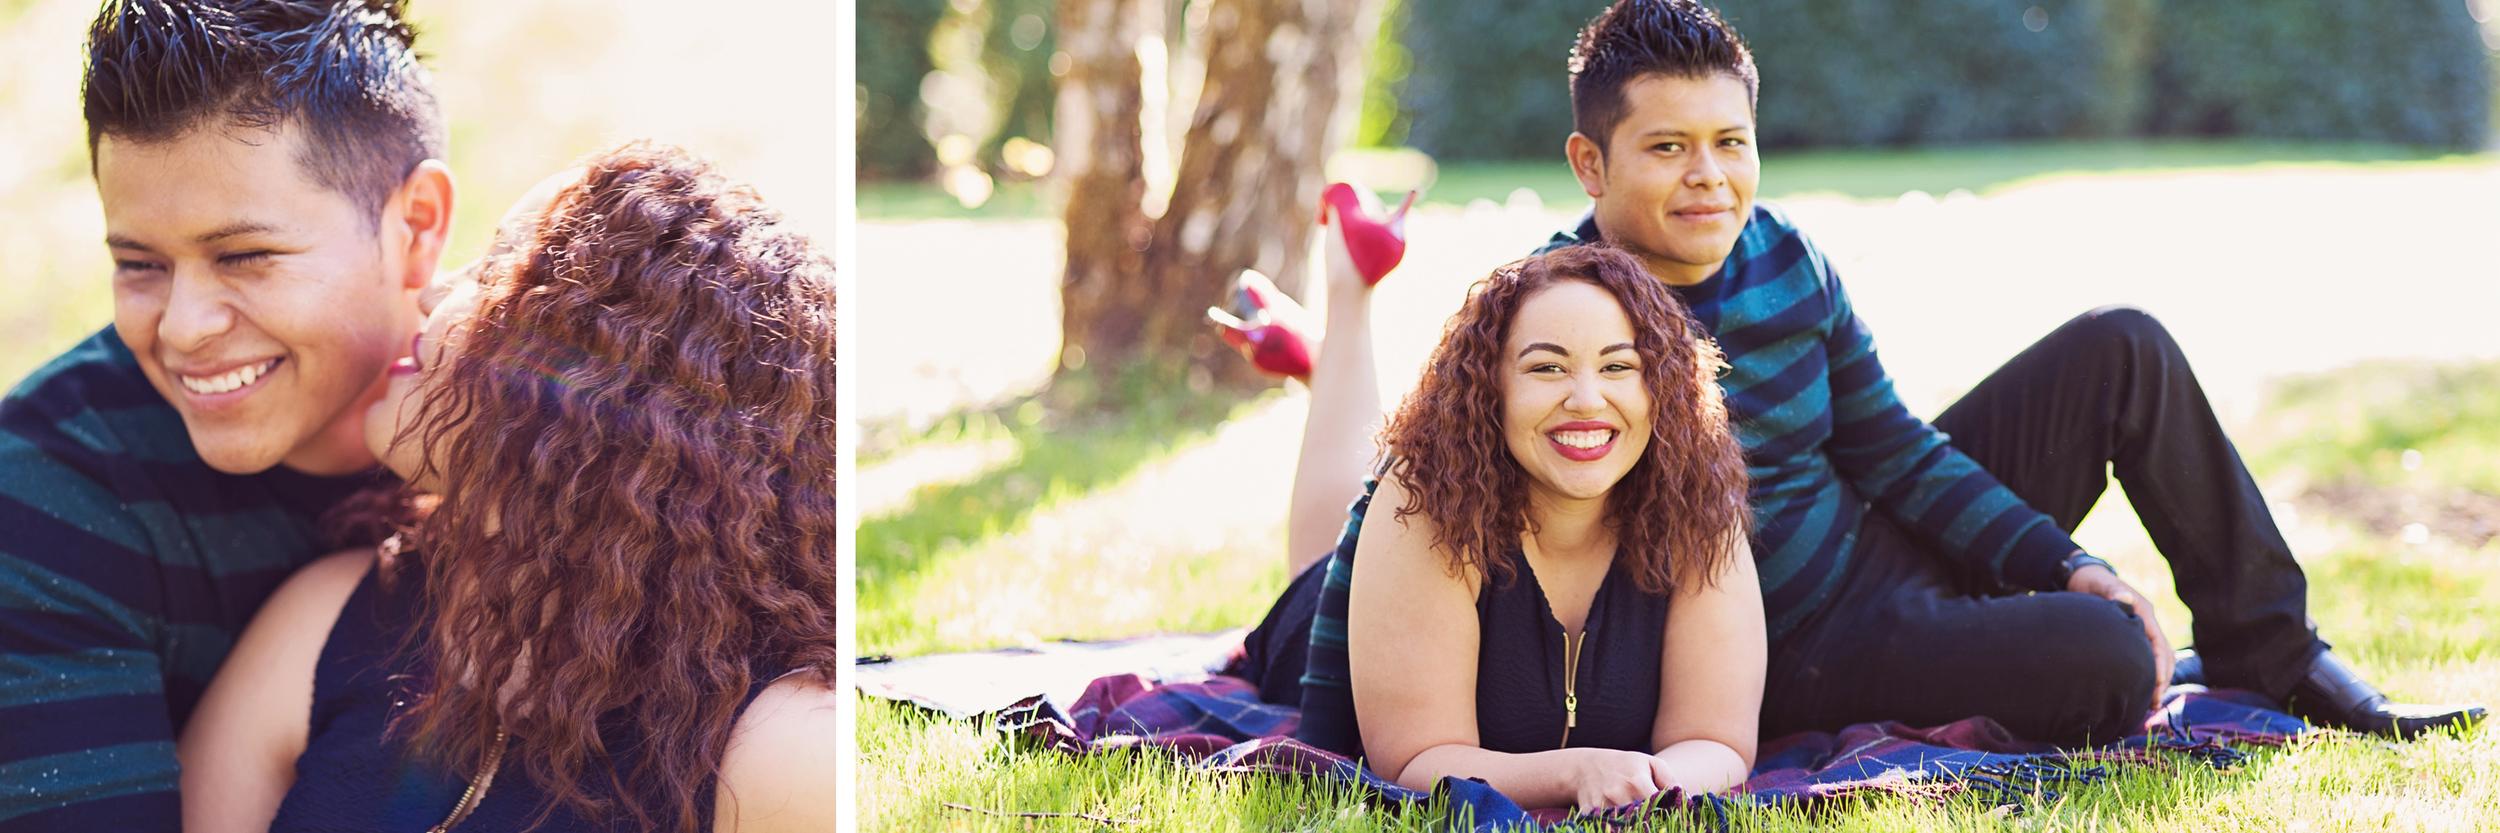 Seattle-Wedding-Photographer,-Kelsey-Lane-Photography_Esther-+-Israel_Kubota-Park-Engagement-2015_Square-Long-Dyptec_WEB.jpg